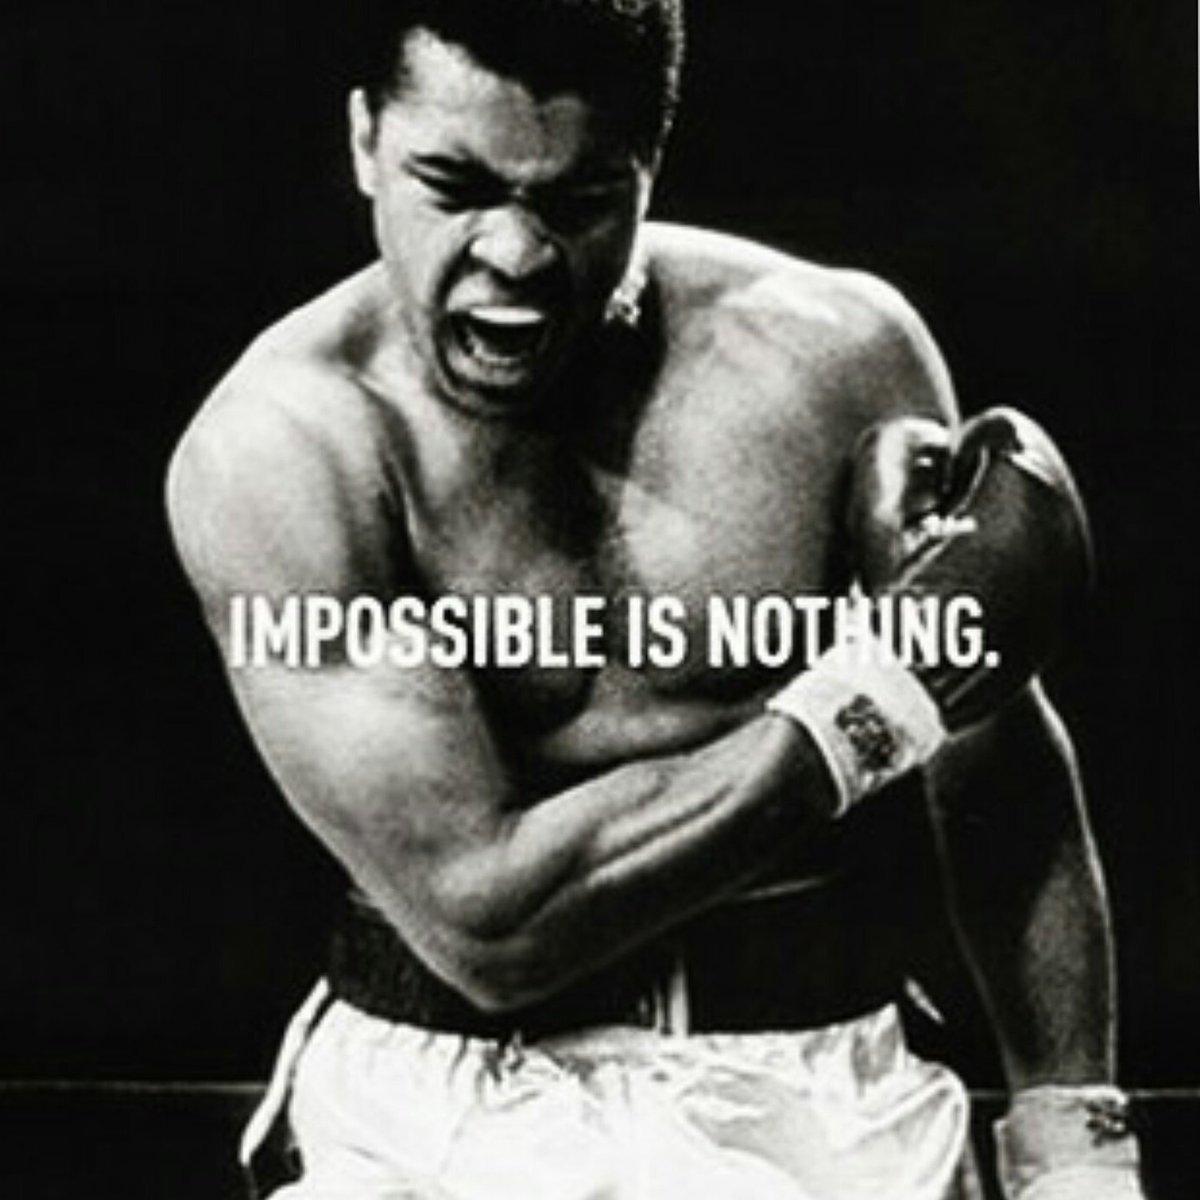 Wes Morgan Wallpaper: Muhammad Ali: Bill Clinton Will Give Eulogy At Boxing